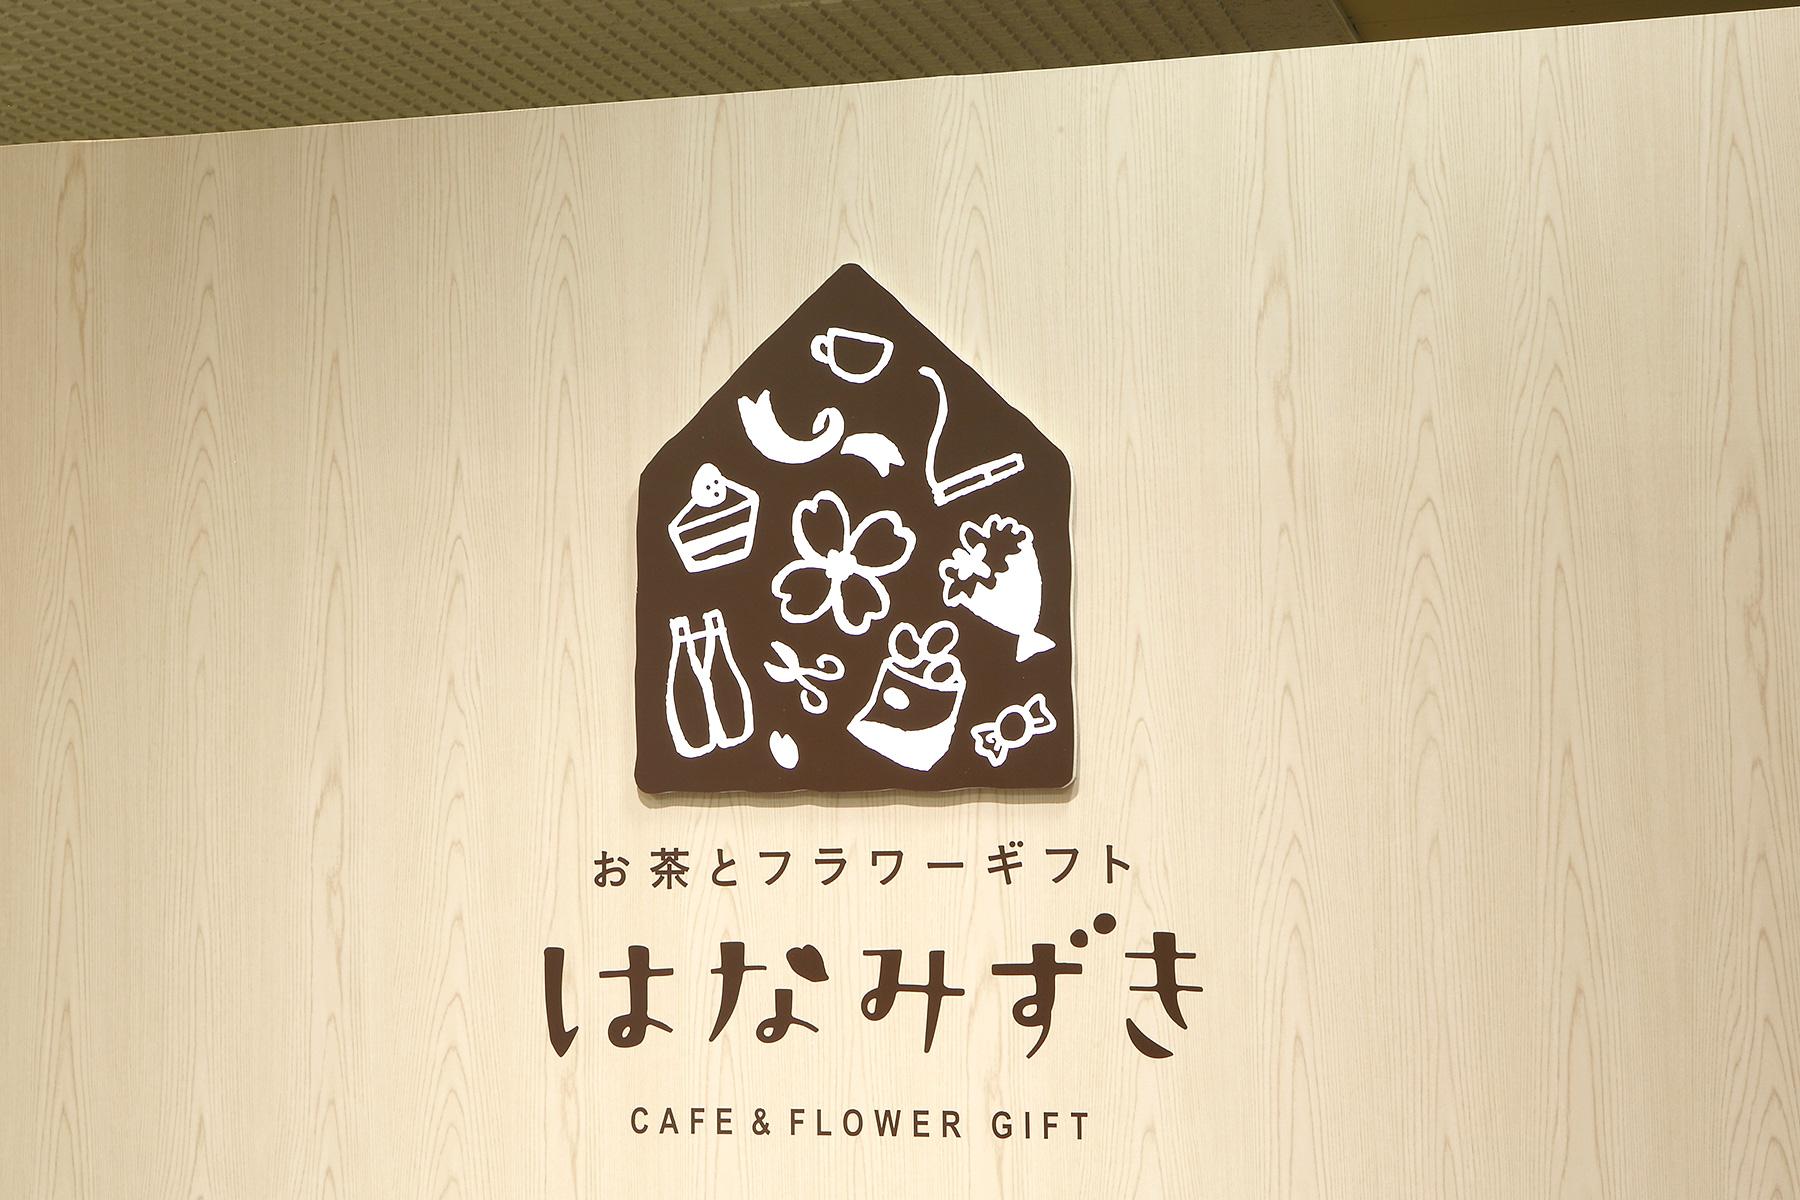 物販店のロゴデザイン